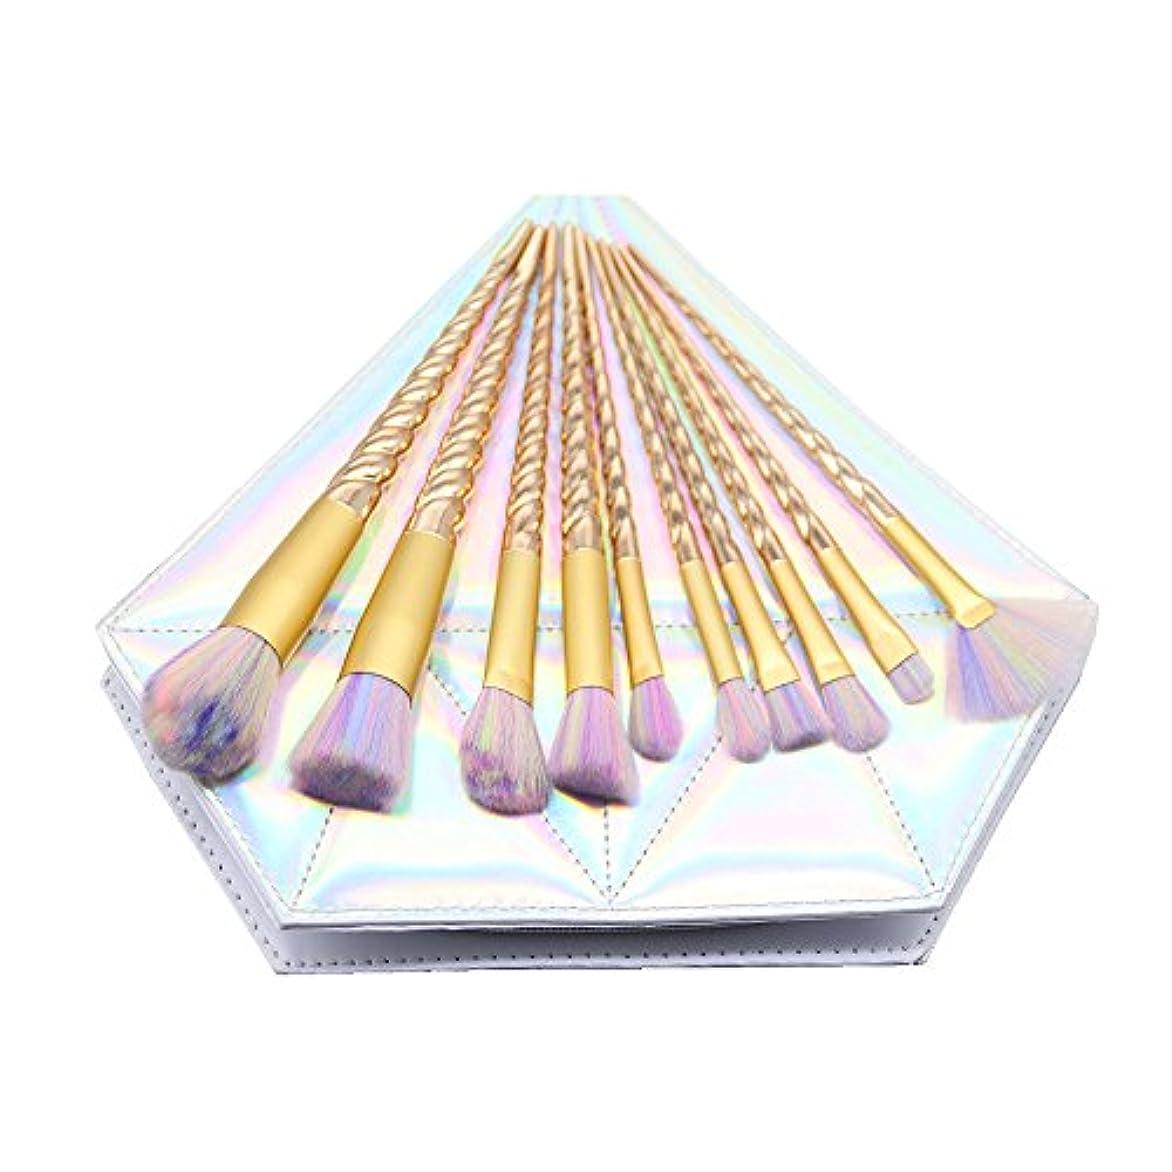 ピルファー貢献する整理するDilla Beauty メイクブラシセット 10本セット ユニコーンデザイン プラスチックハンドル 合成毛 ファンデーションブラシ アイシャドーブラッシャー 美容ツール 化粧品のバッグ付き